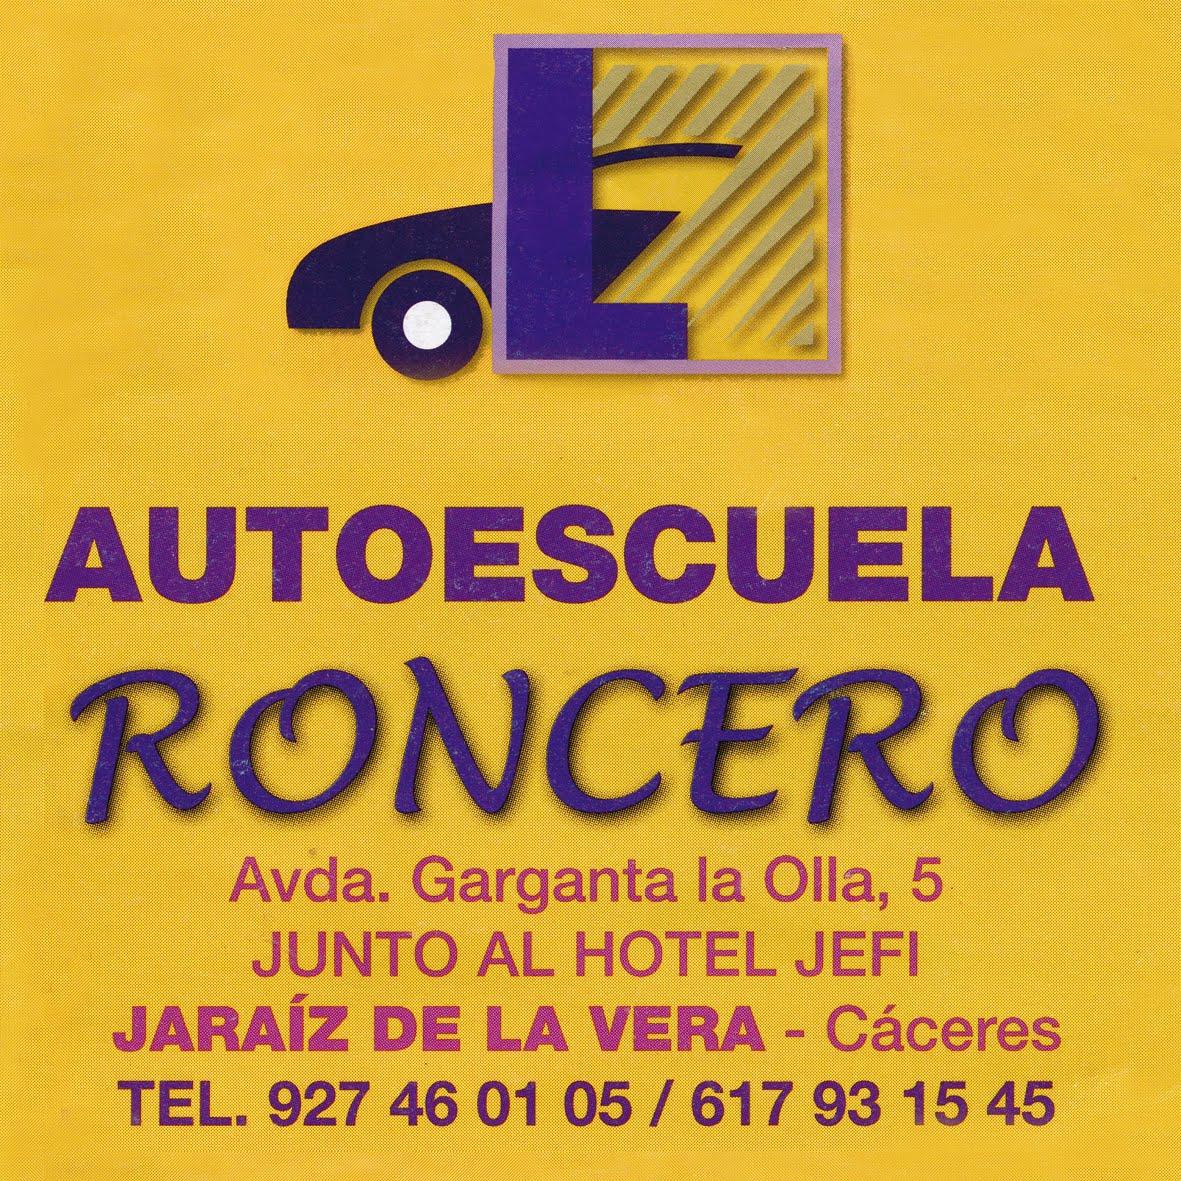 AUTOESCUELA RONCERO